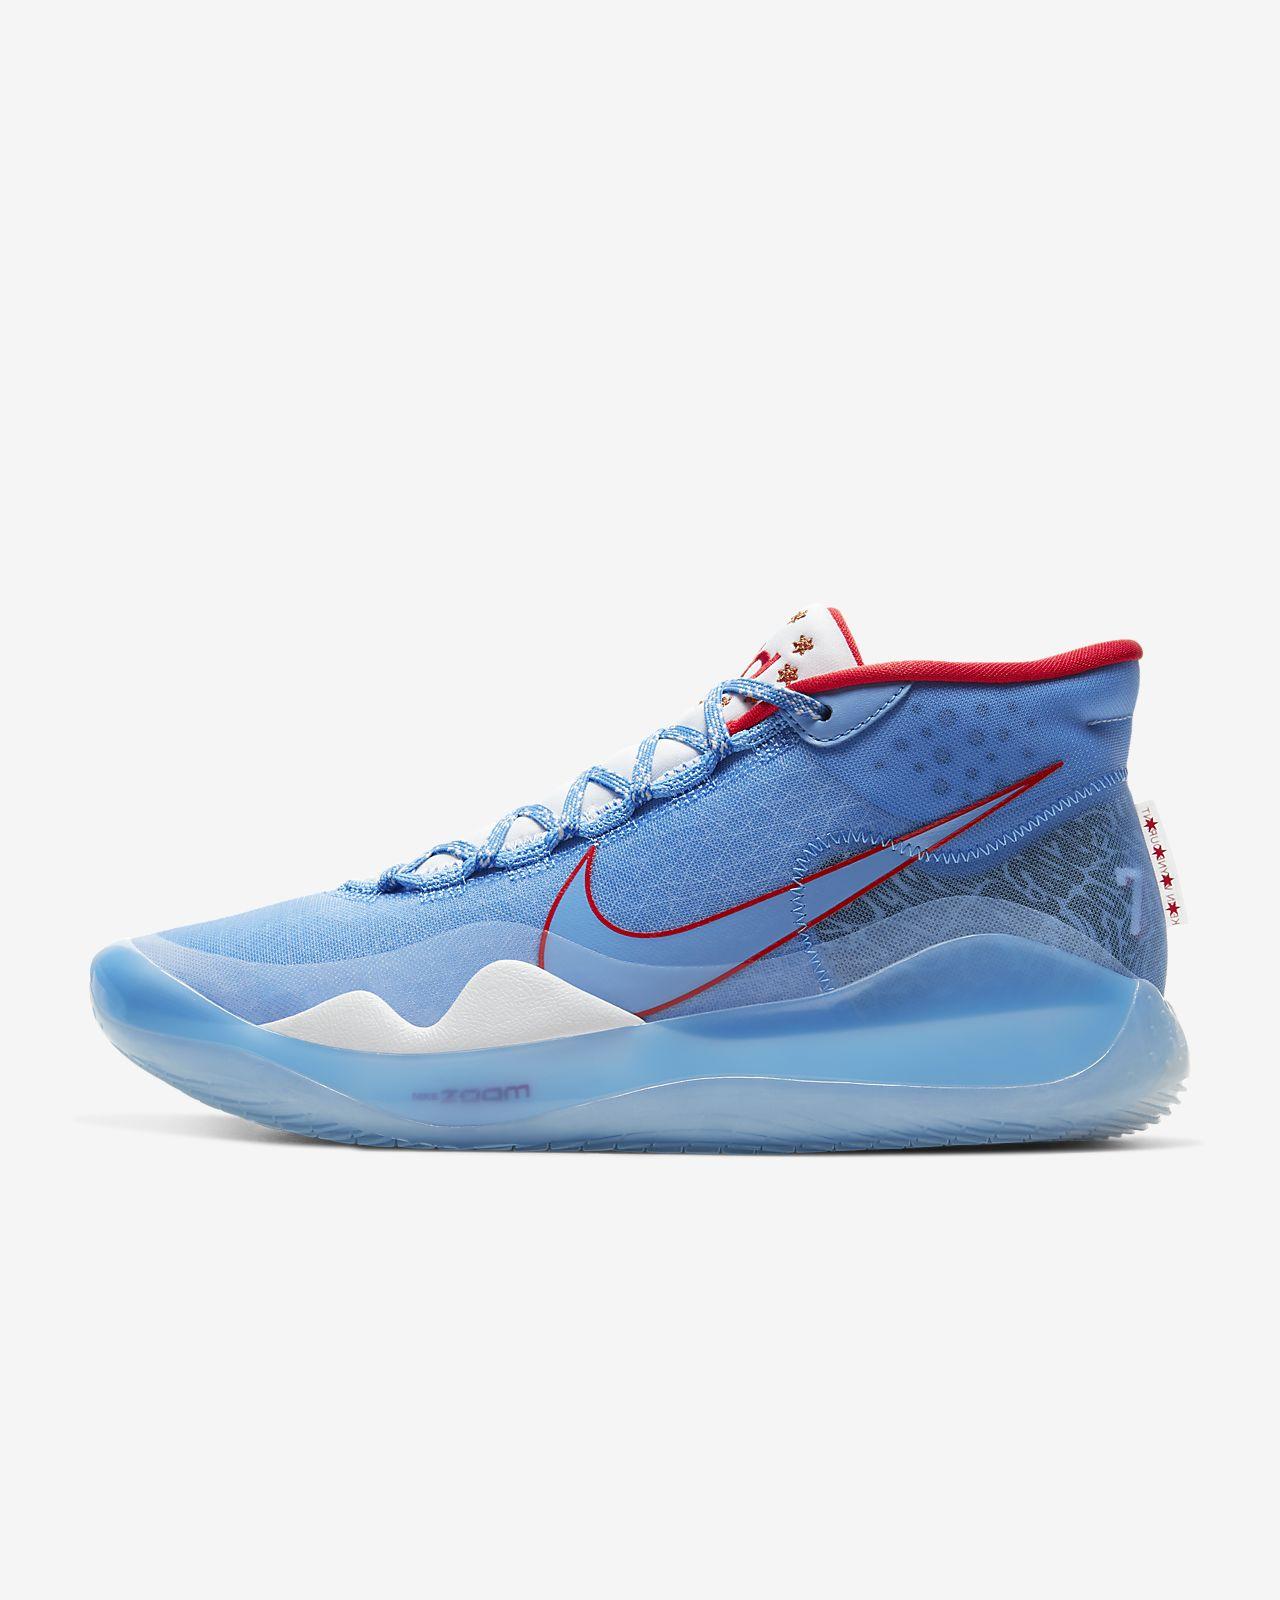 Buty do koszykówki Nike Zoom KD12 Don C